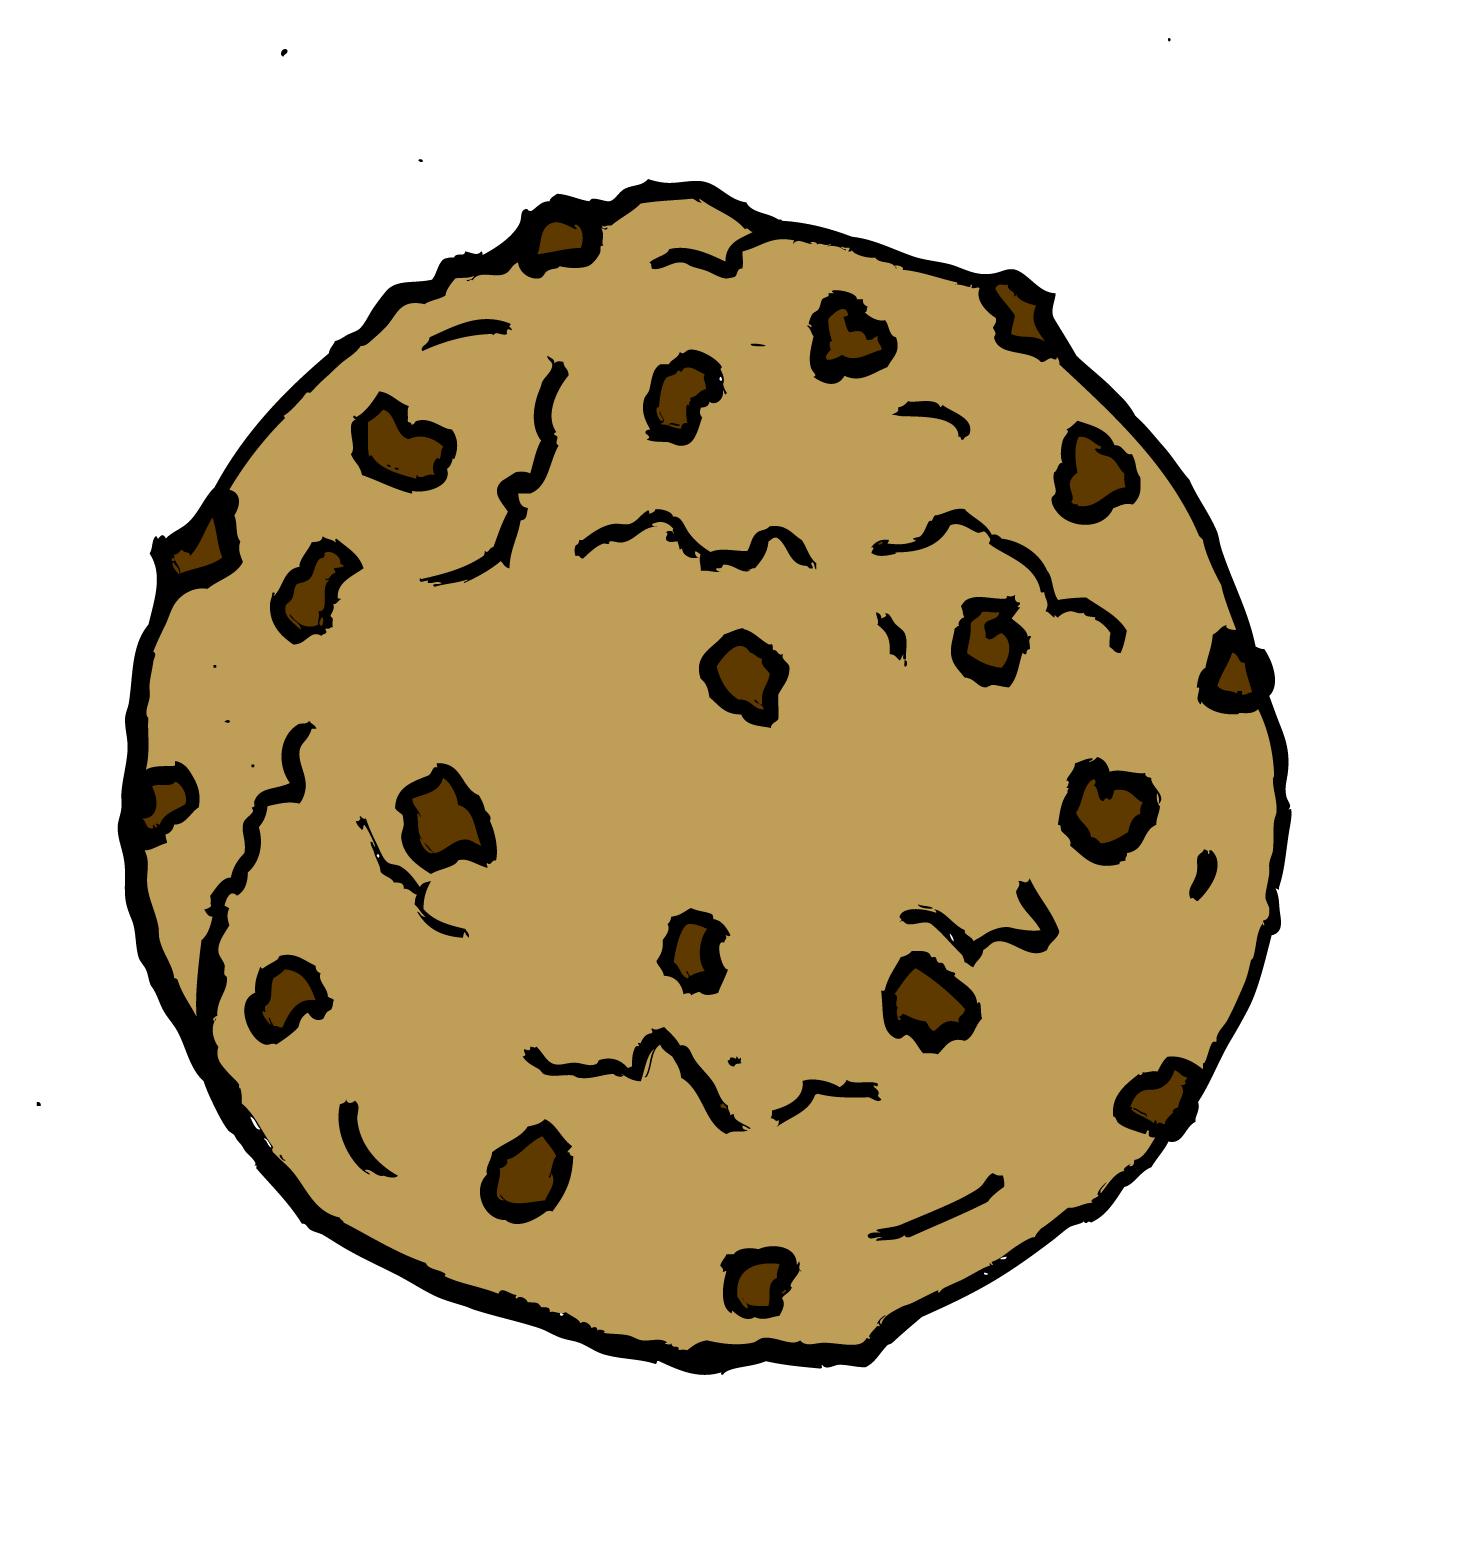 Clipart Cookies u0026amp; Cookies Clip Art Images - ClipartALL clipartall.com